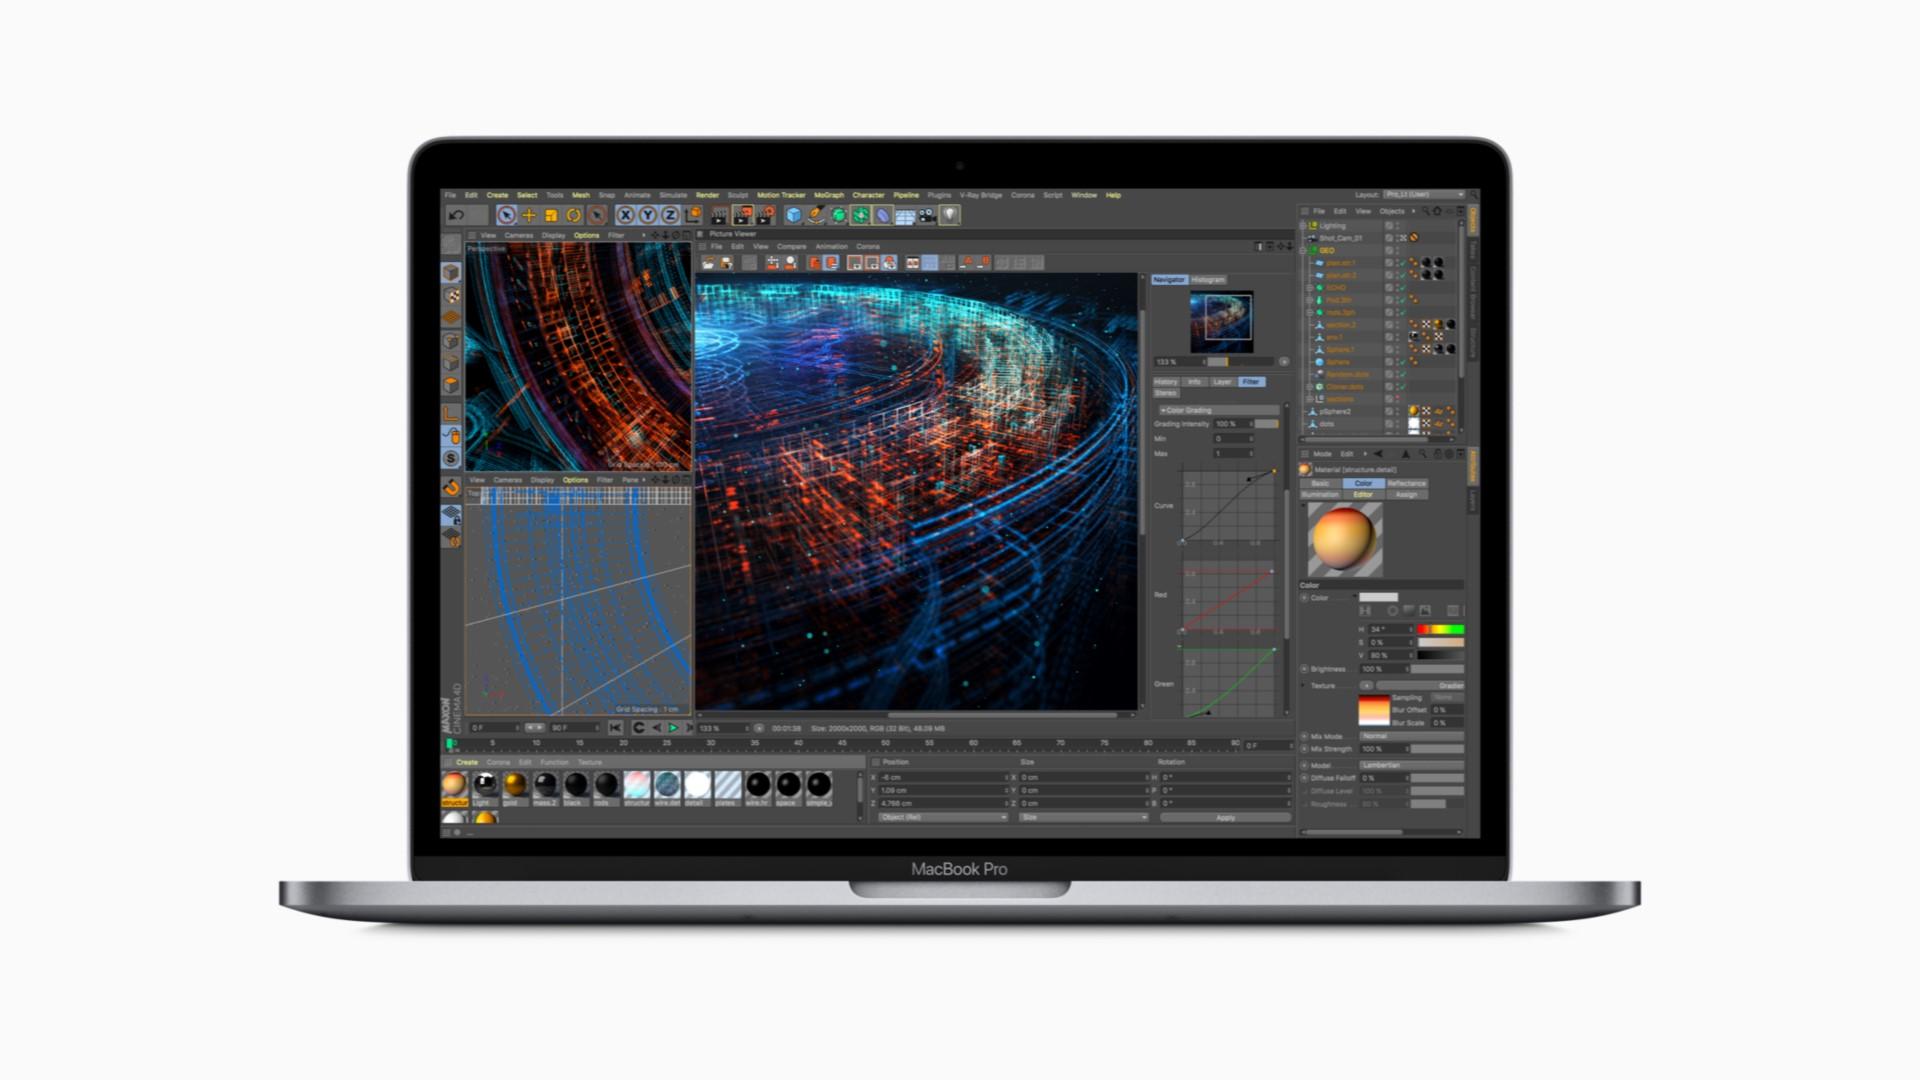 Изображение включённого MacBook Pro 2018 во фронтальной проекции: на экране 3D–модель